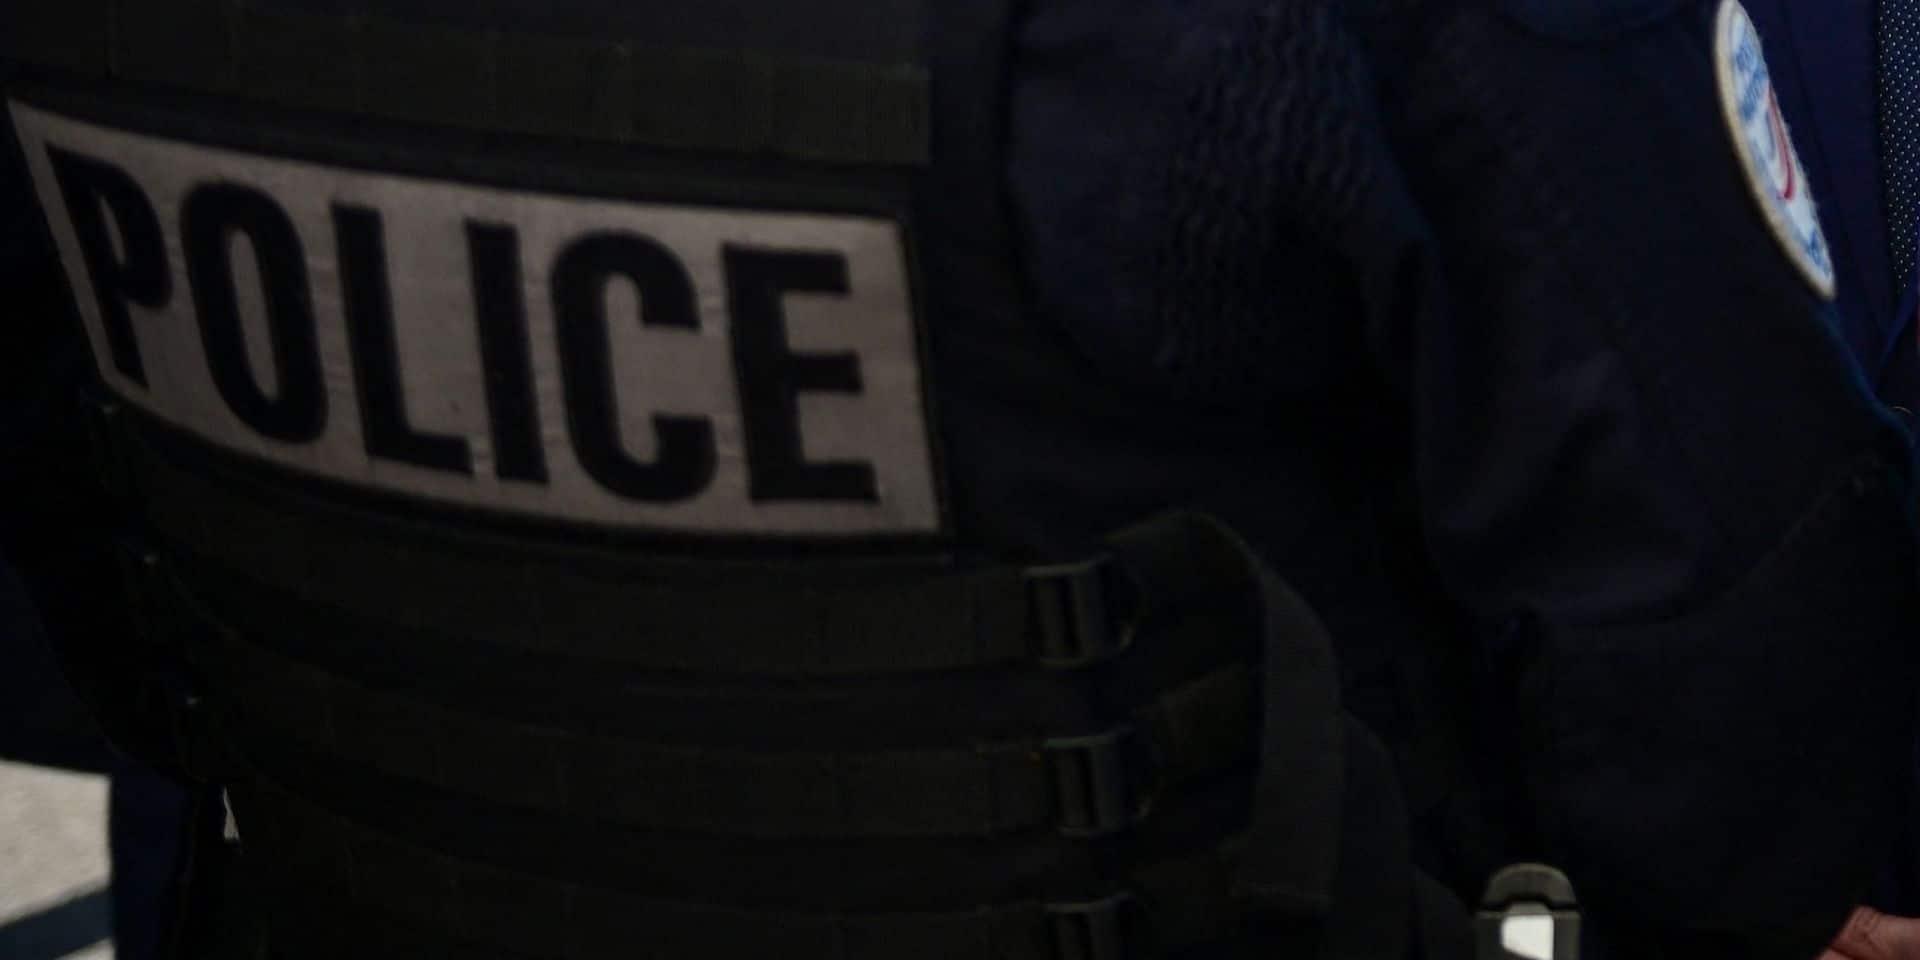 Une policière municipale gravement blessée près de Nantes: le suspect interpellé est décédé